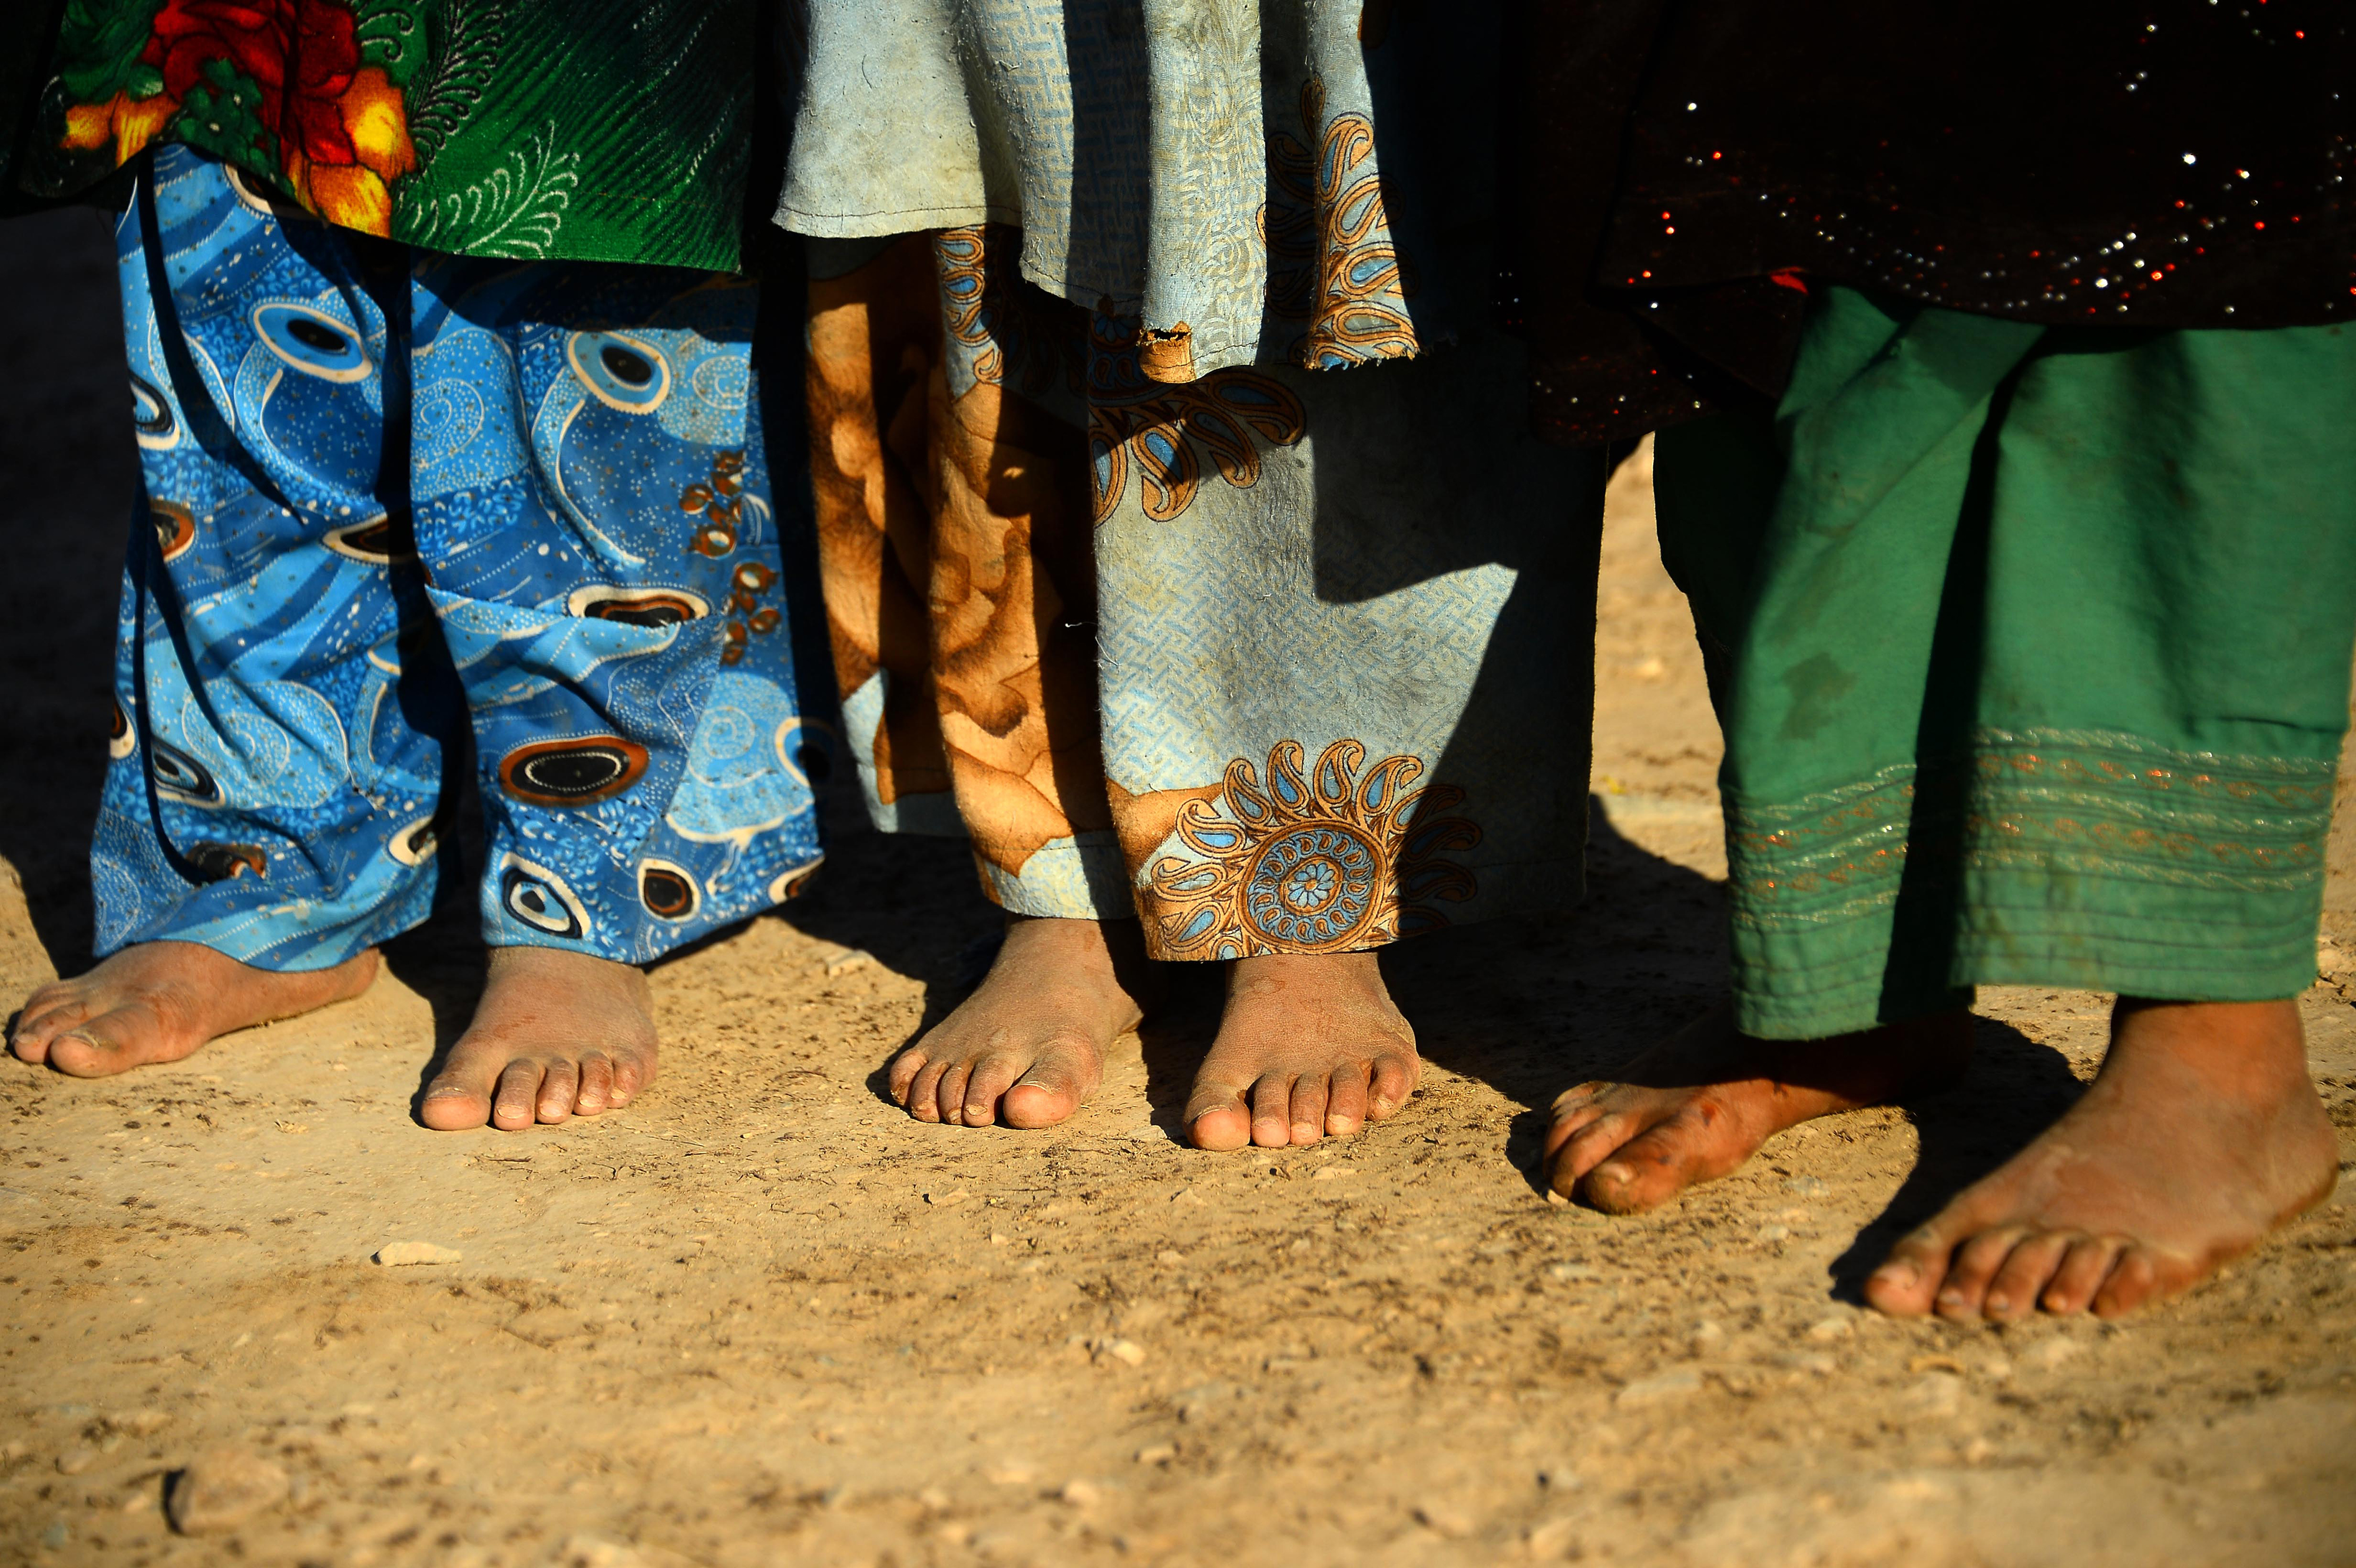 Eladta hatéves lányát egy afgán anya, hogy a többi gyermekét megmenthesse